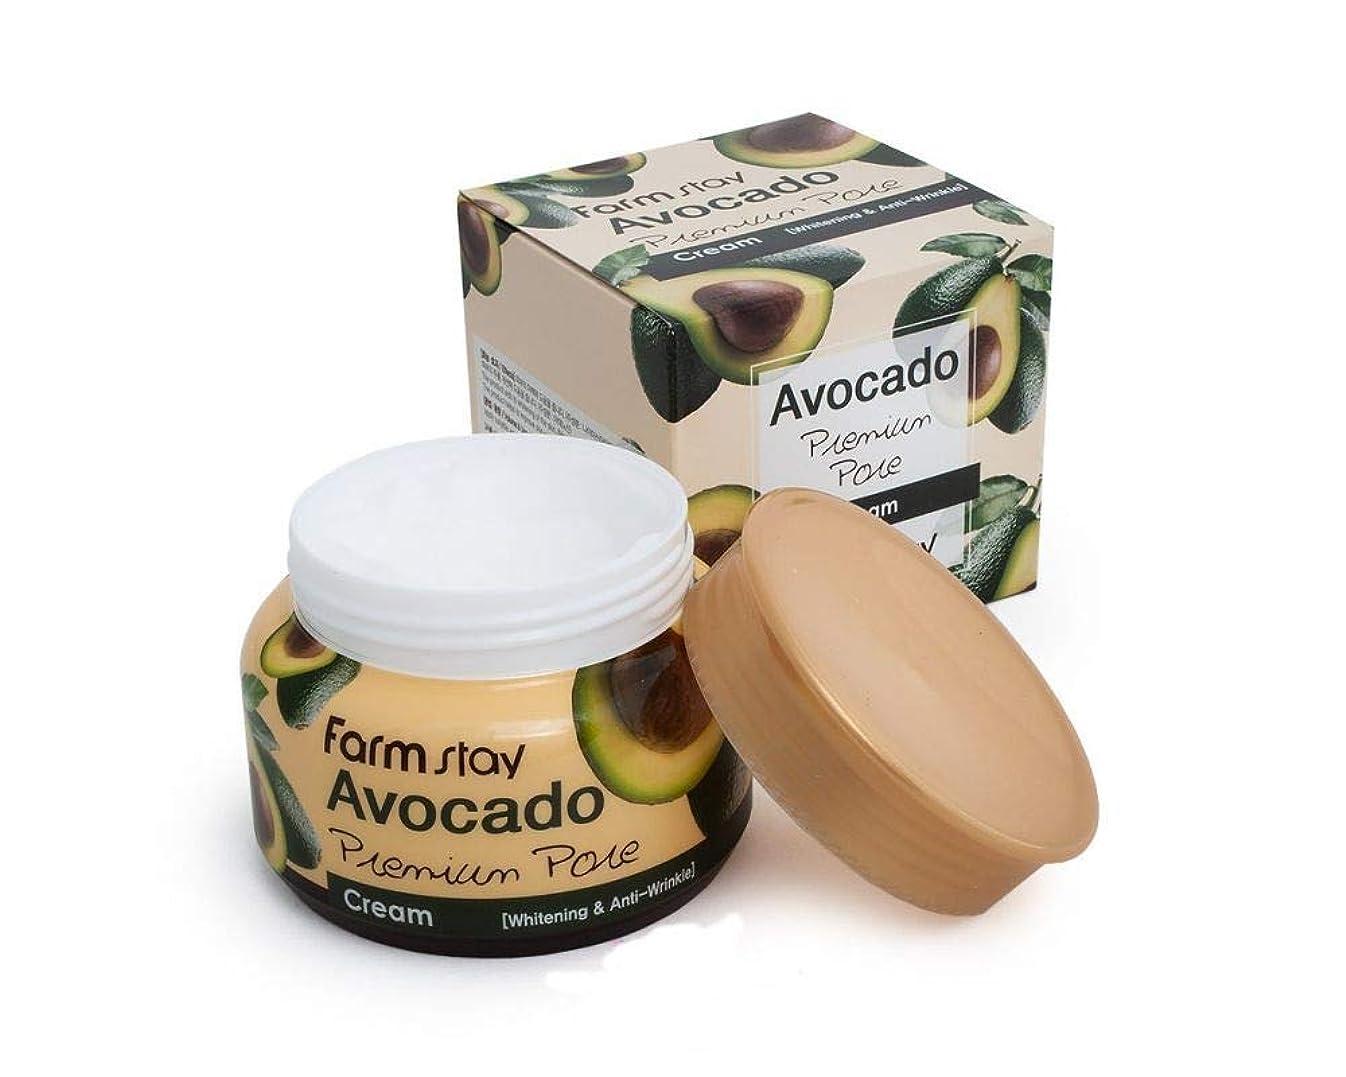 メイドフローティング織機ファームステイ[Farm Stay] アボカドプレミアムポアクリーム 100g / Avocado Premium Pore Cream